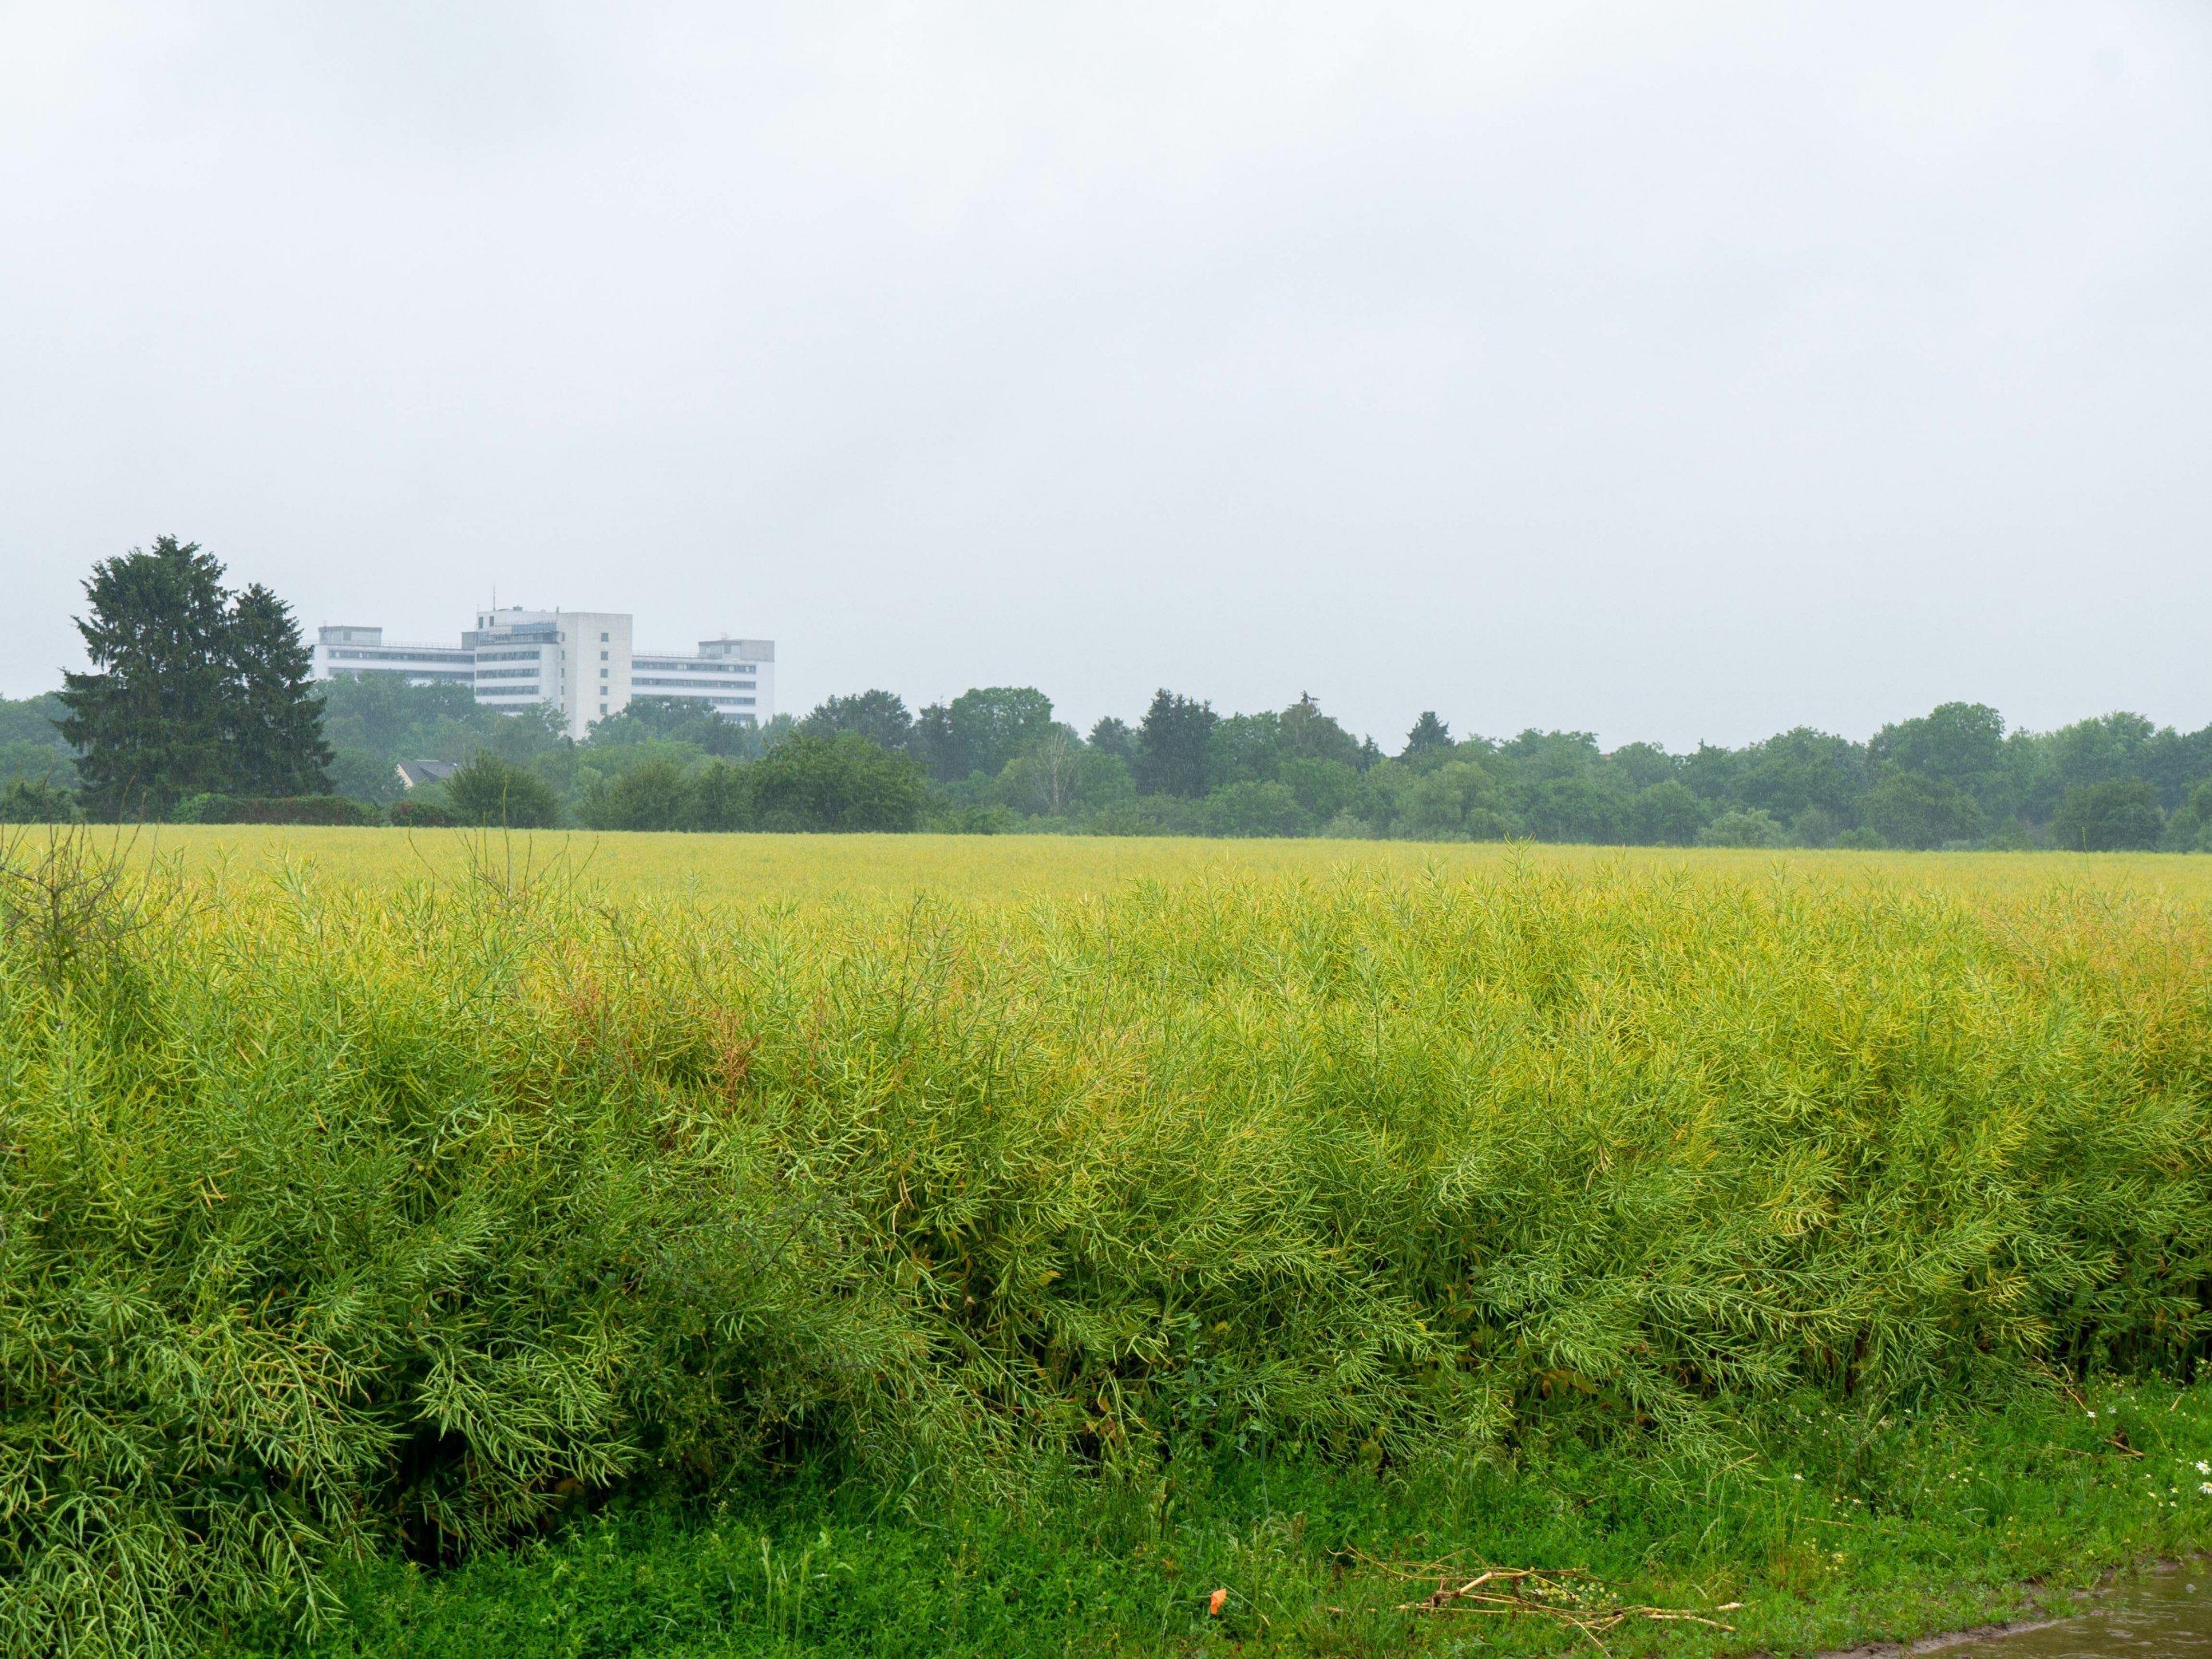 weites Rapsfeld im Vordergrund, dahinter Gehölzstreifen und Gebäude im Dunst vor grau-blauem Himmel